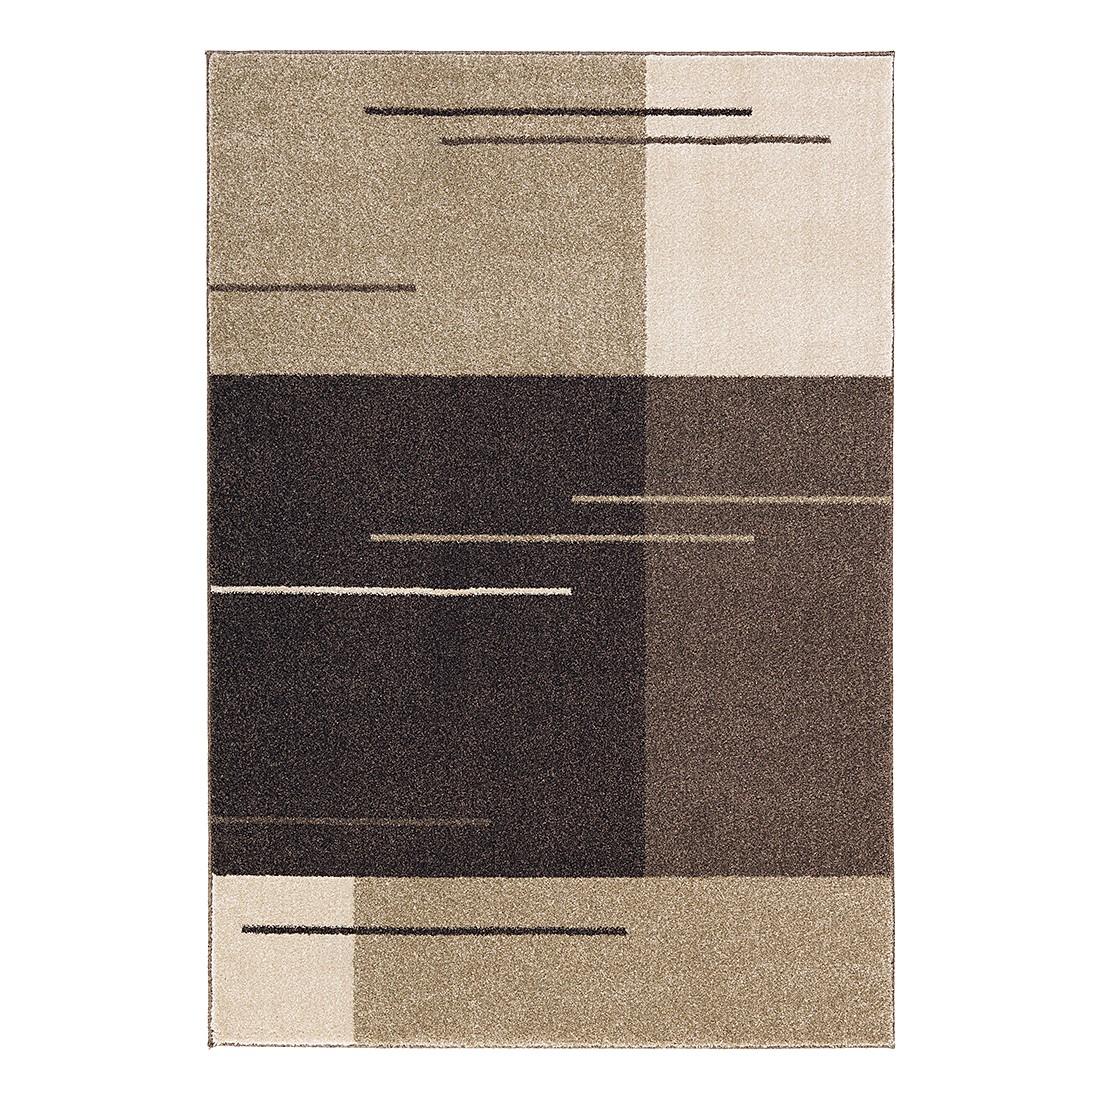 teppich samoa ii haselnuss 200 x 290 cm astra g nstig online kaufen. Black Bedroom Furniture Sets. Home Design Ideas